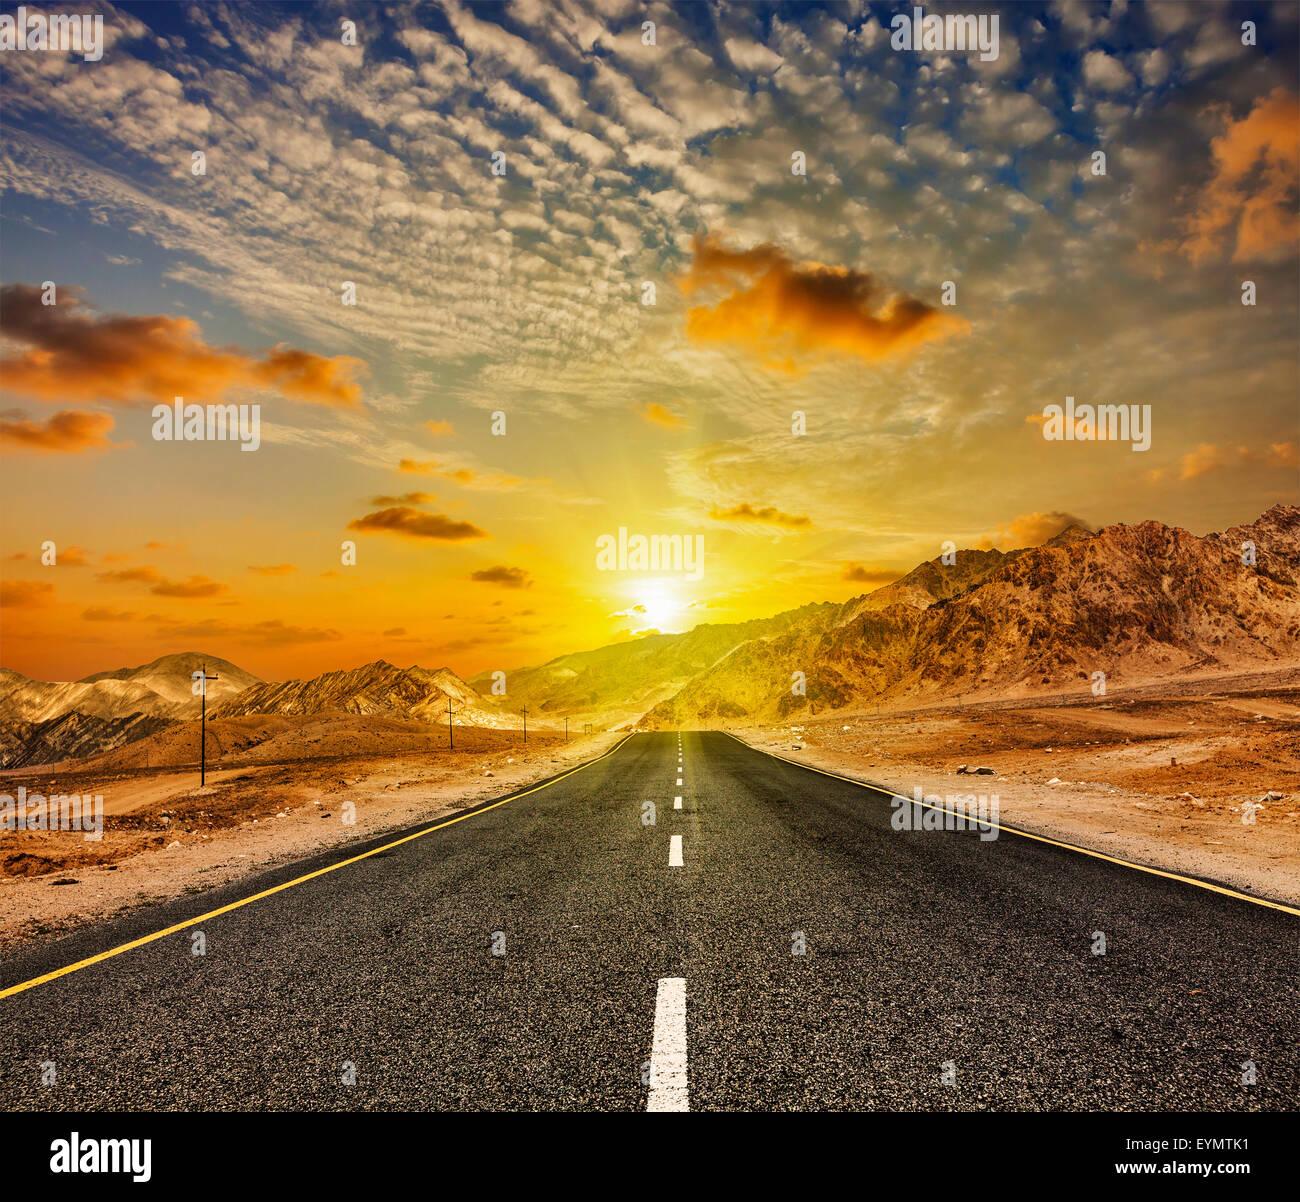 Reisen Sie nach vorne Konzept Hintergrund - Straße im Himalaya mit Bergen und dramatische Wolken bei Sonnenuntergang. Stockbild